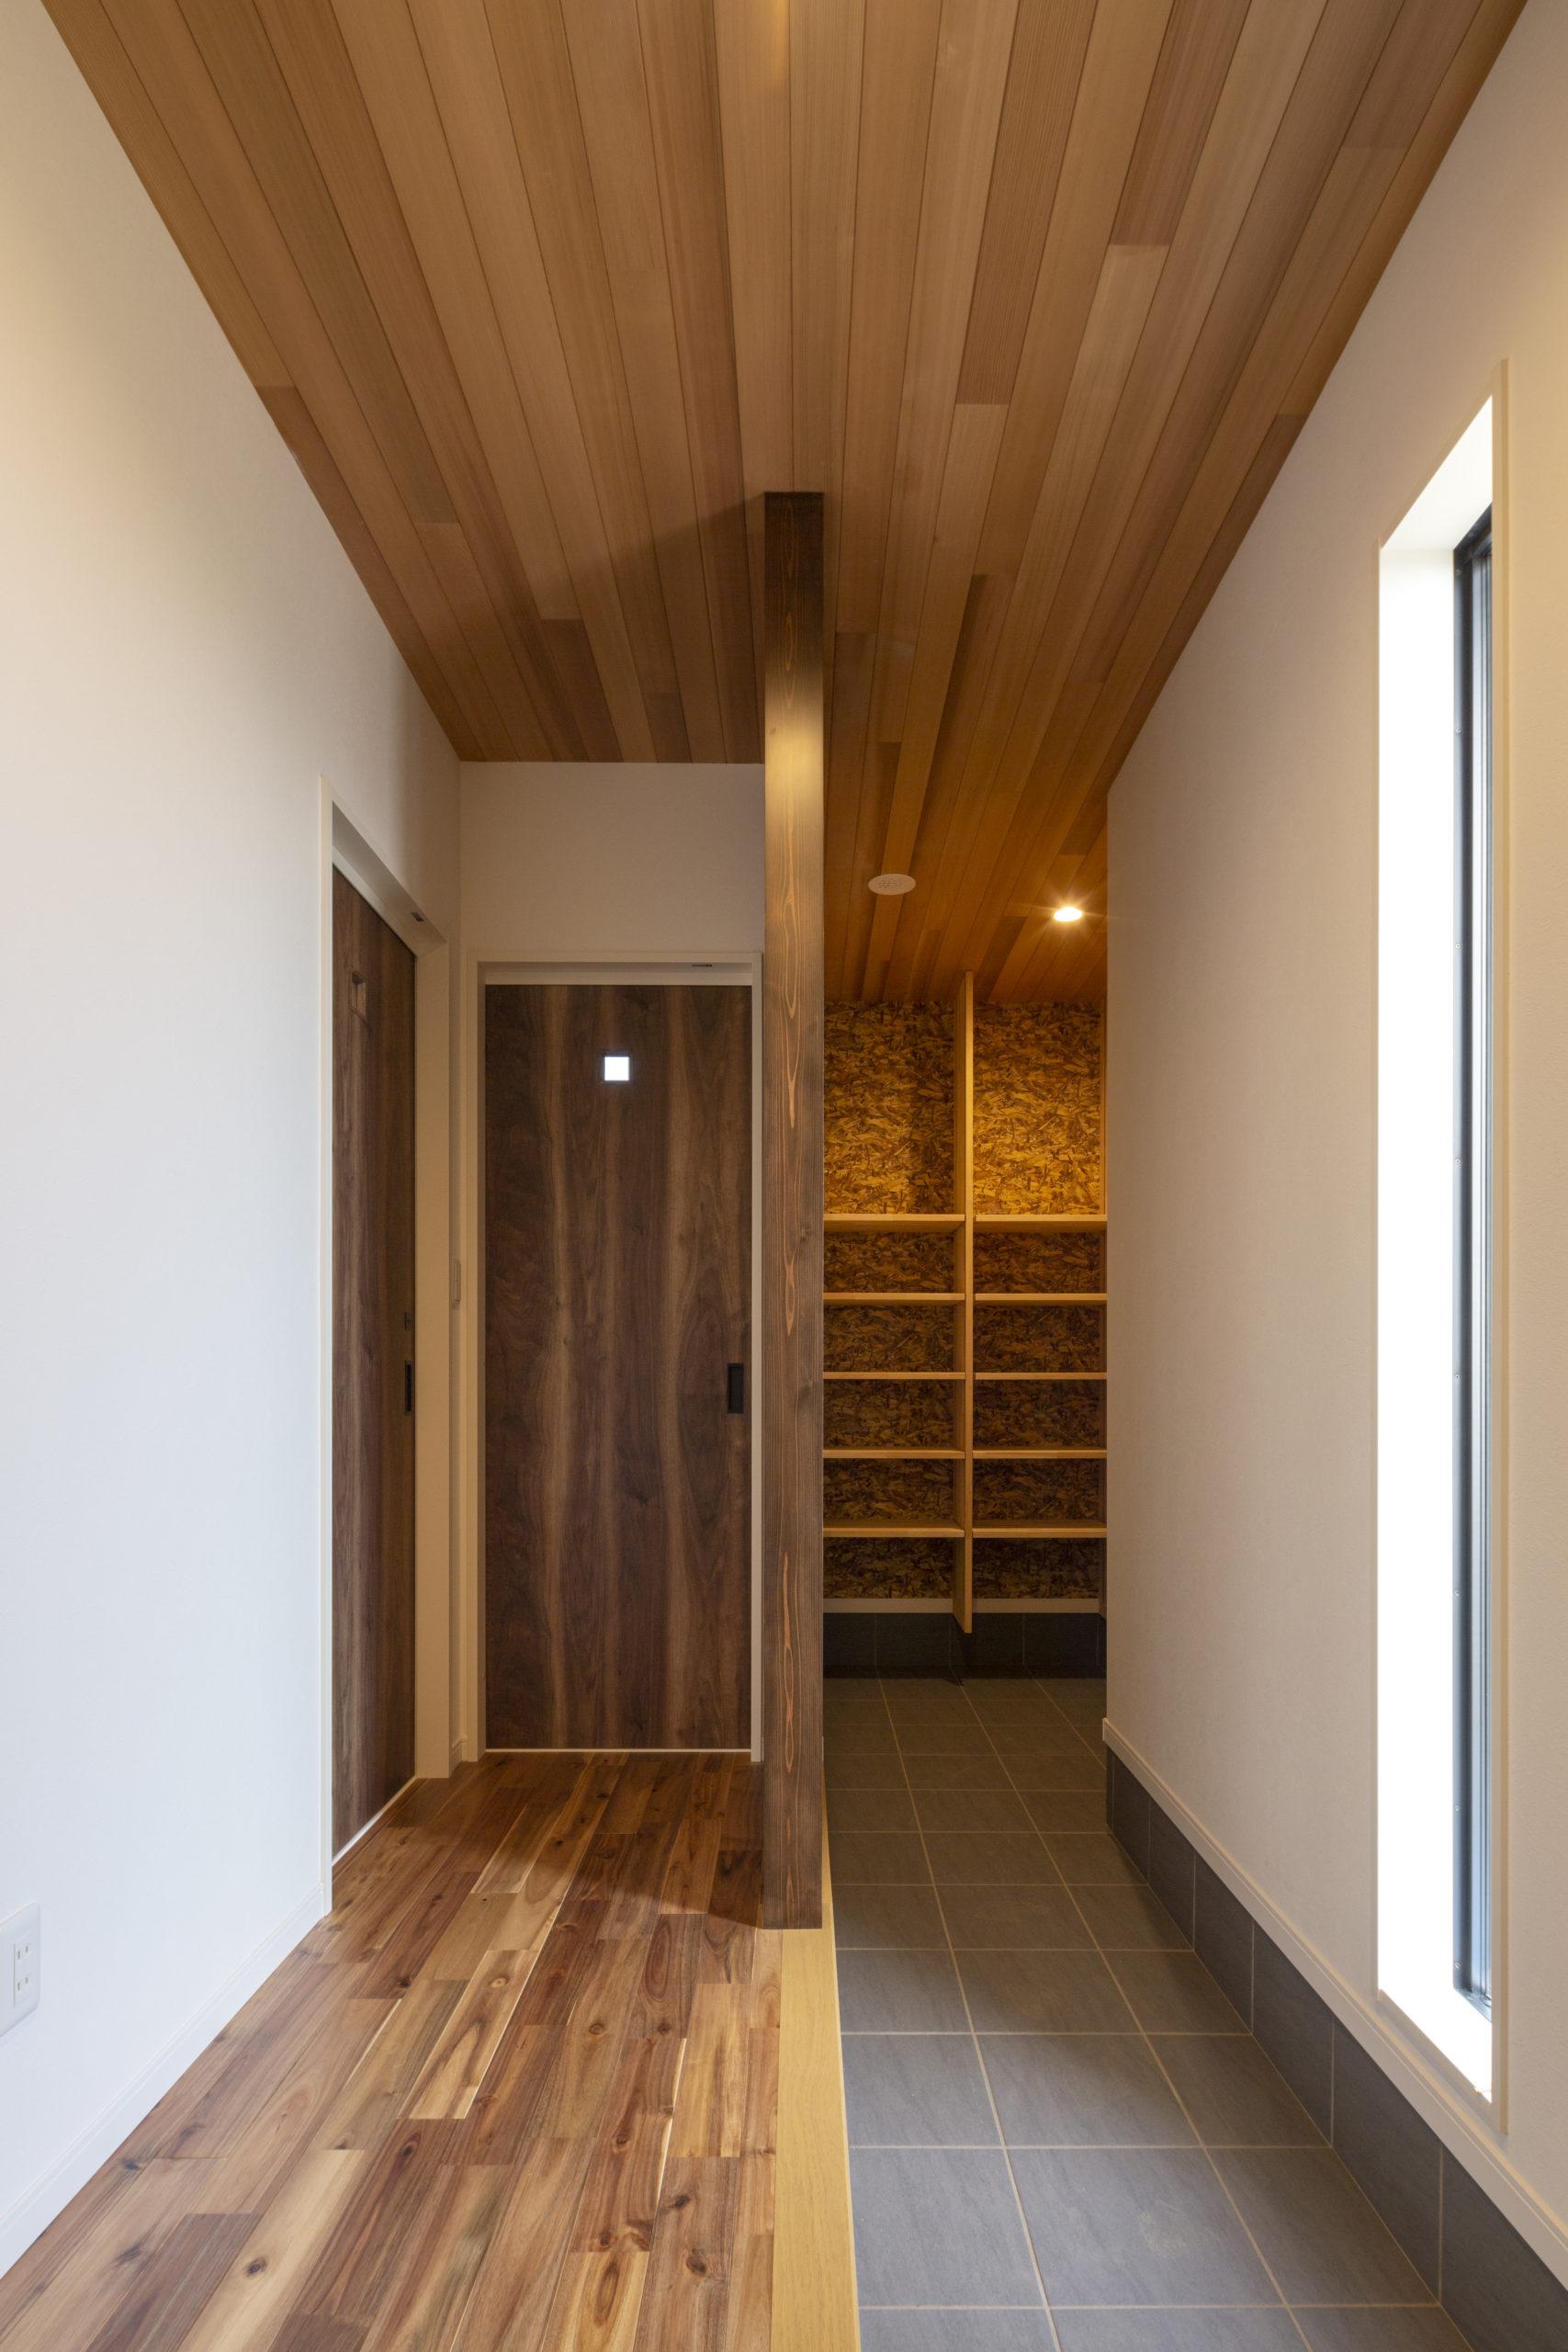 福山市の注文住宅|今井住建の施工事例ギャラリー「スタイリッシュなSCには天井羽目板が◎」